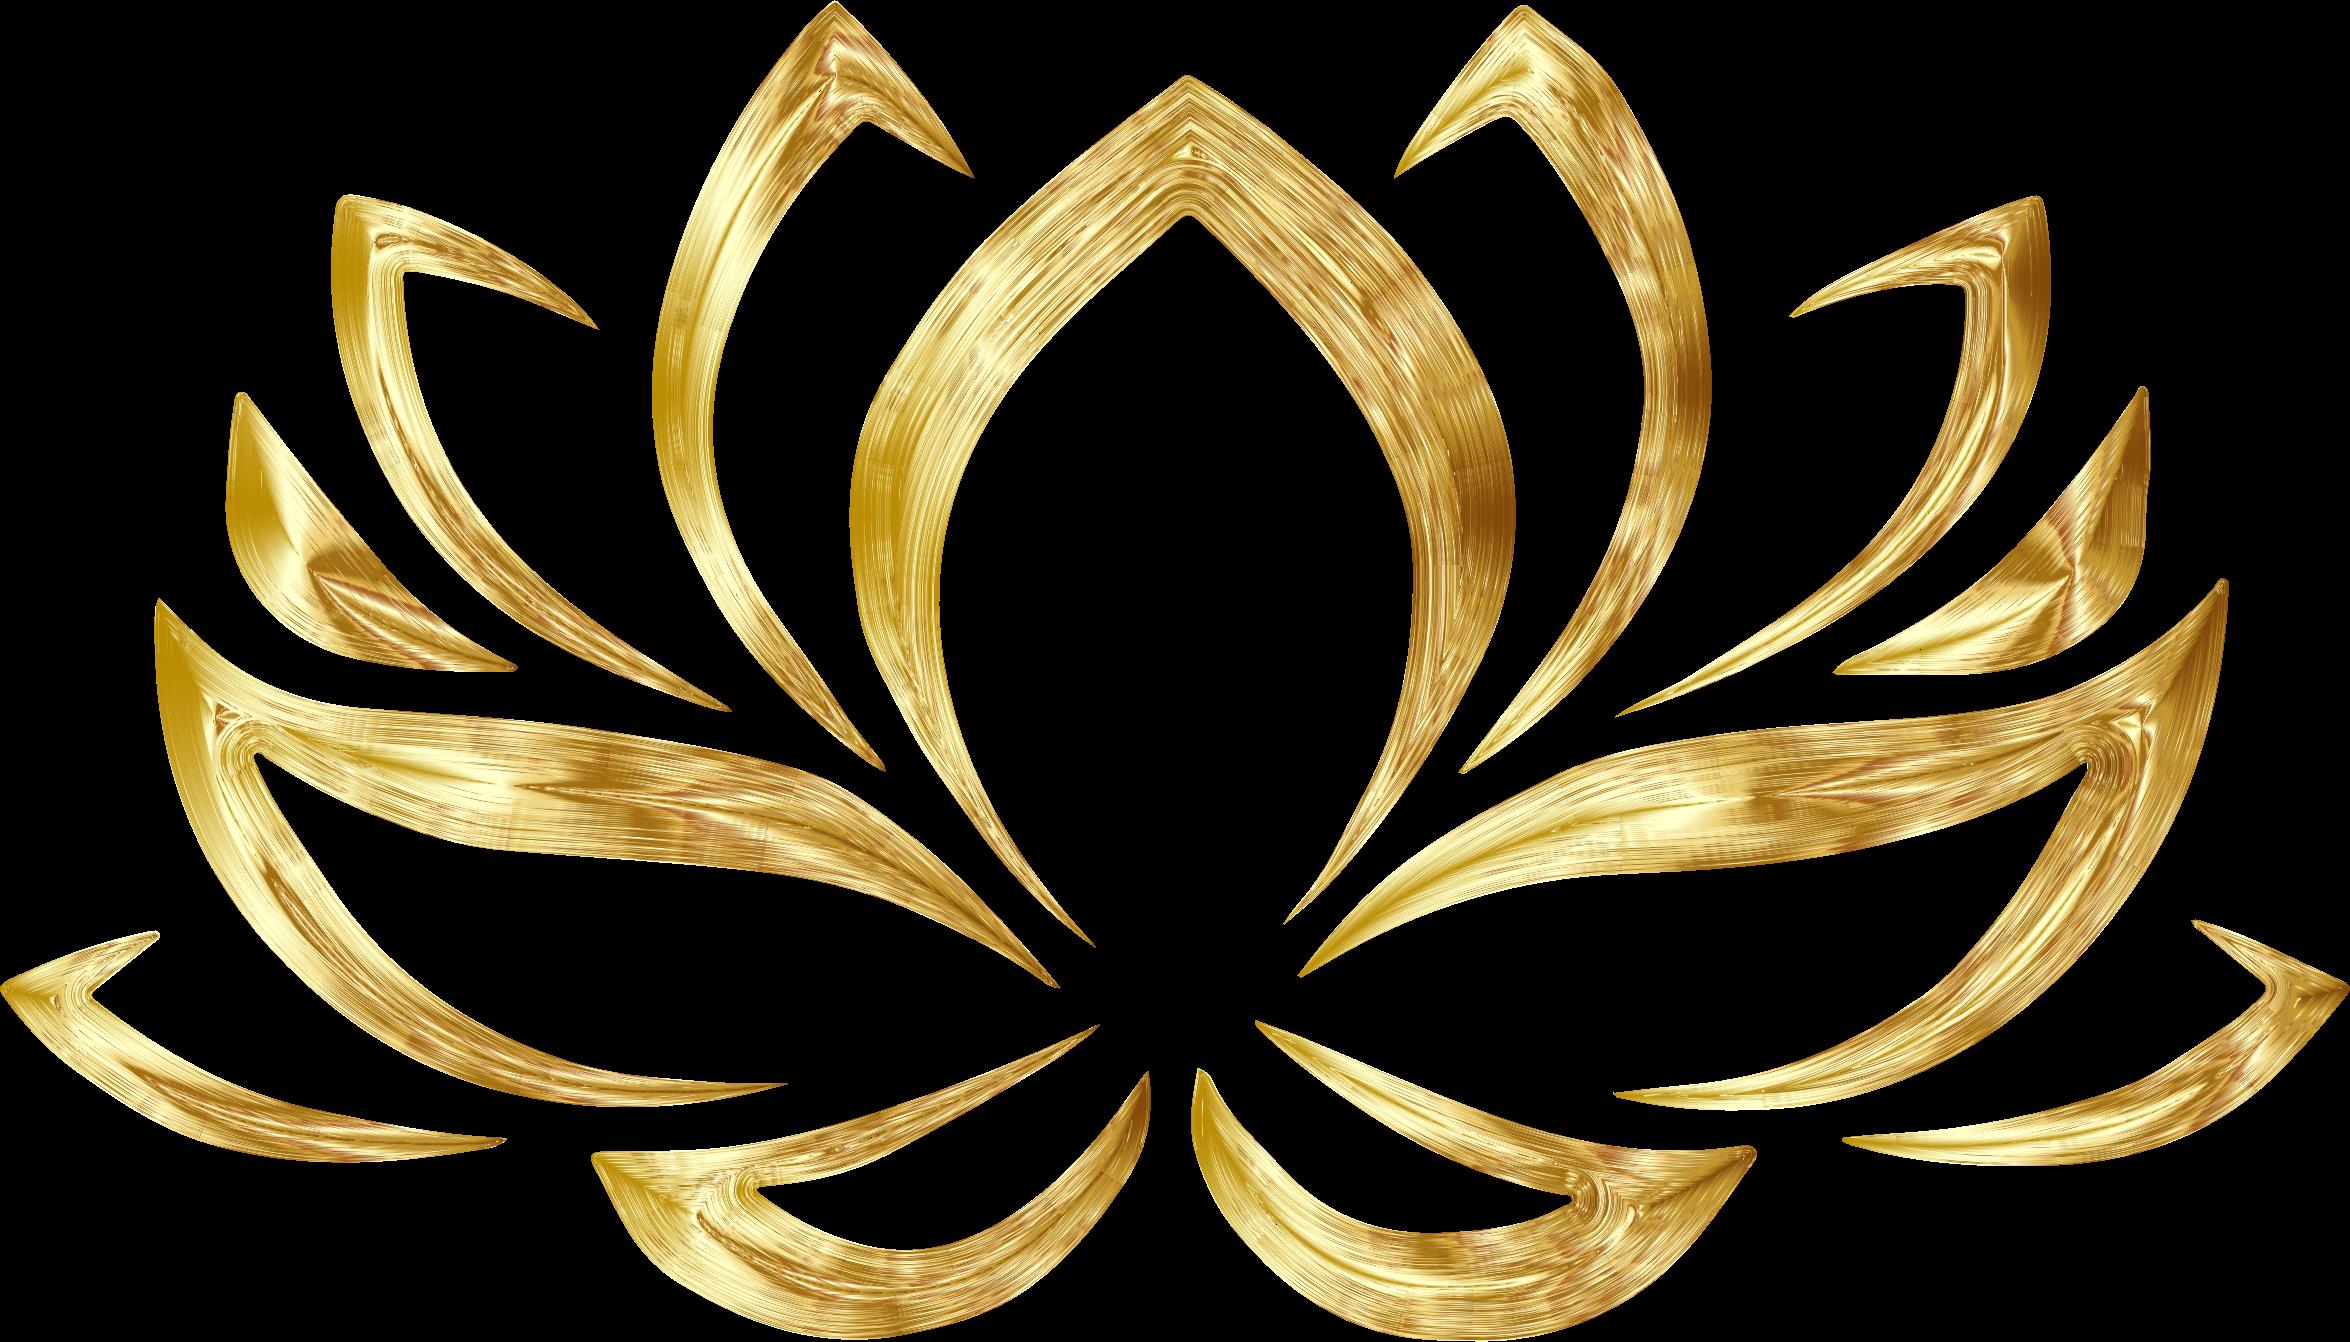 Pin de nguyen thi em họa tiết Design de etiqueta